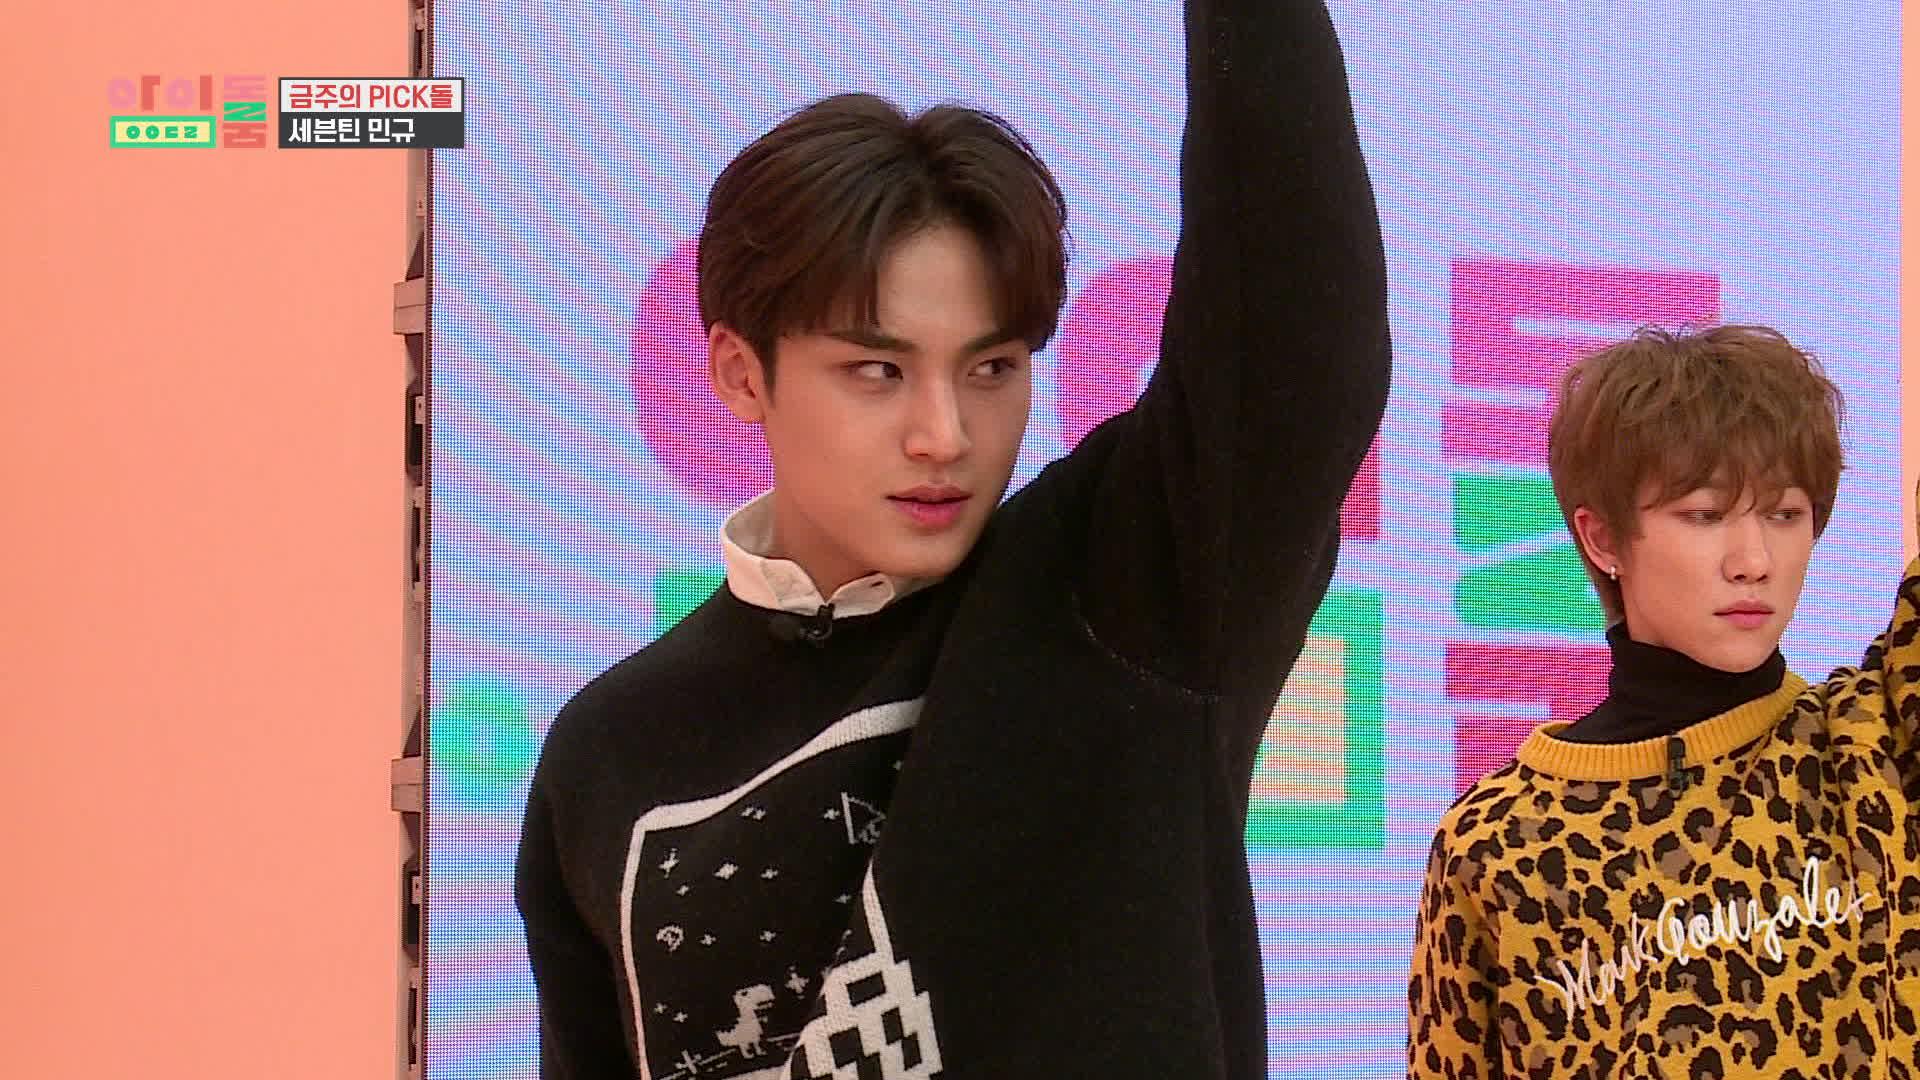 아이돌룸(IDOL ROOM) 36회 밍구CAM - 세븐틴 신곡 'HOME' 나노댄스♬